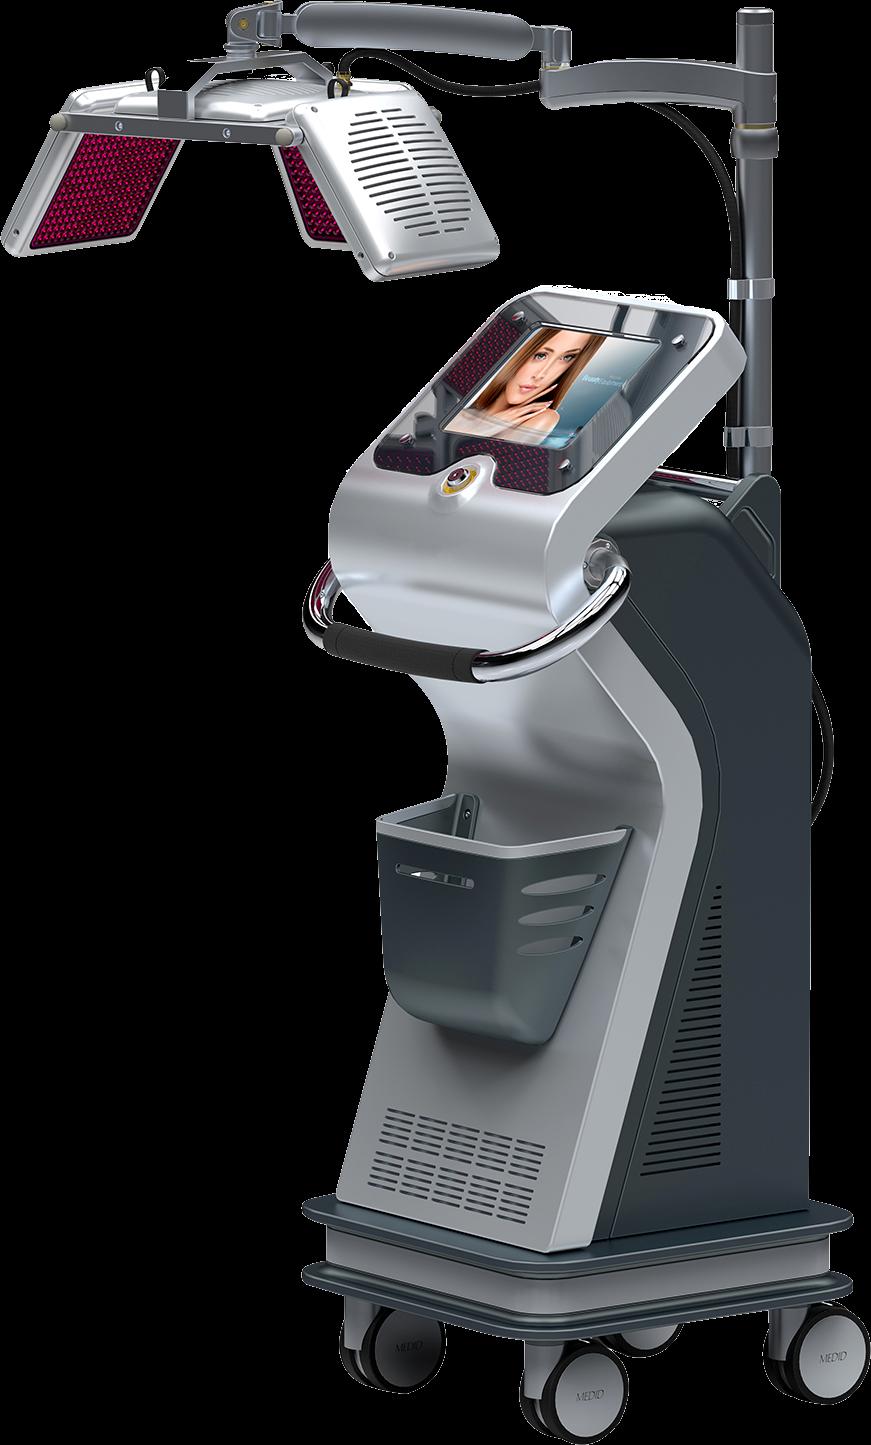 Dermo Hair Laser Device